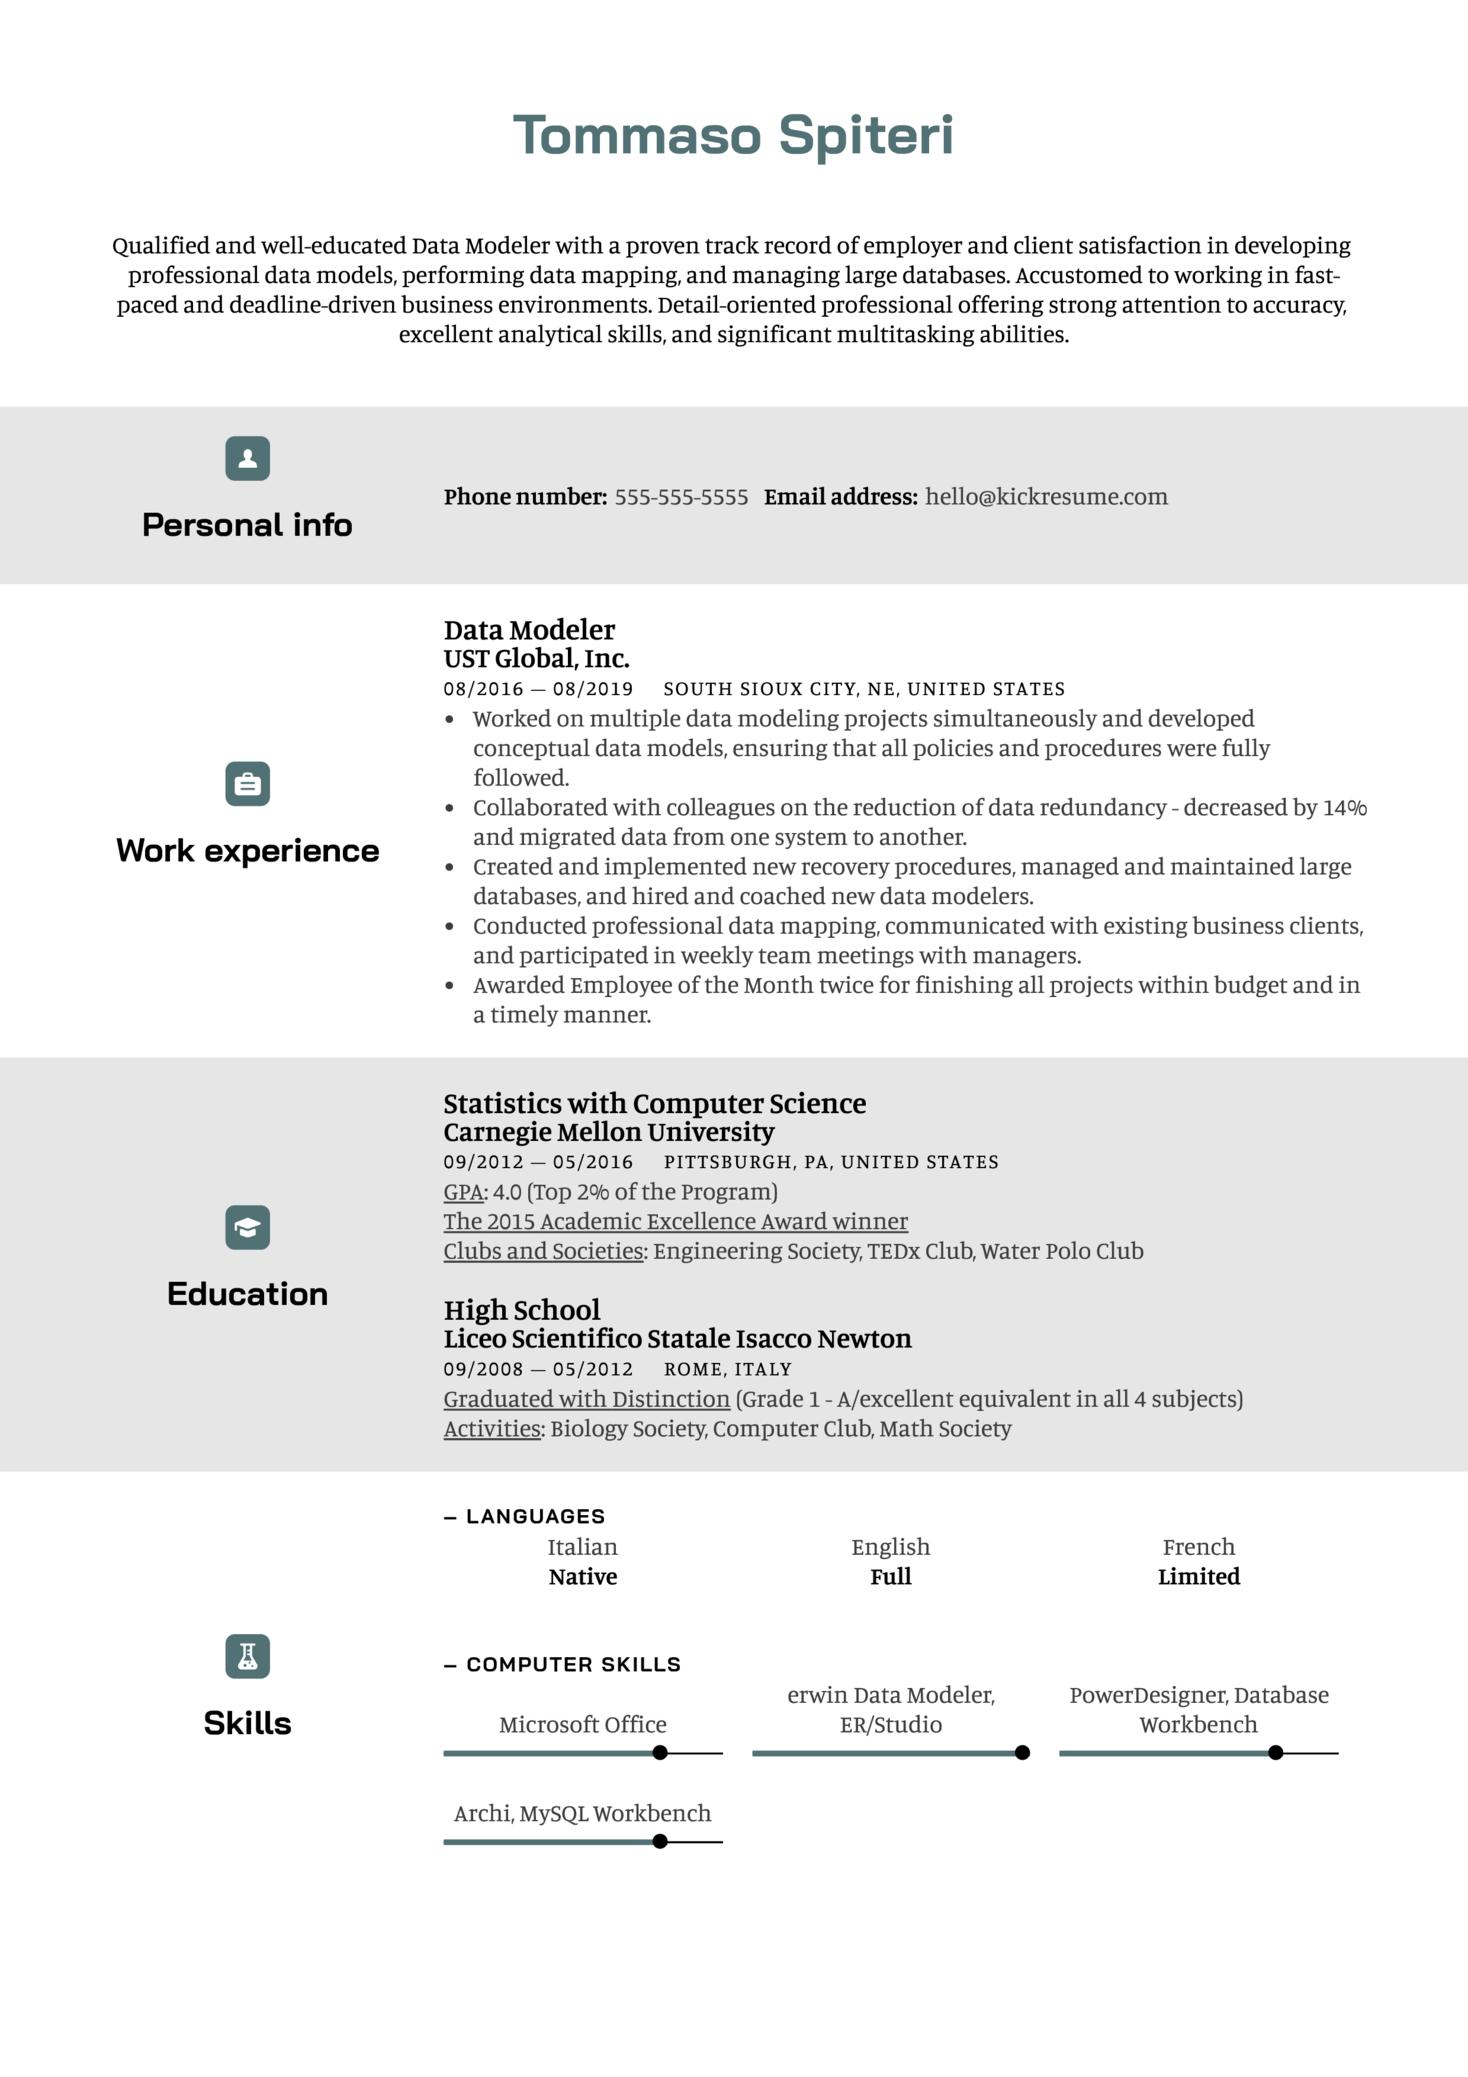 Data Modeler Resume Sample (Parte 1)